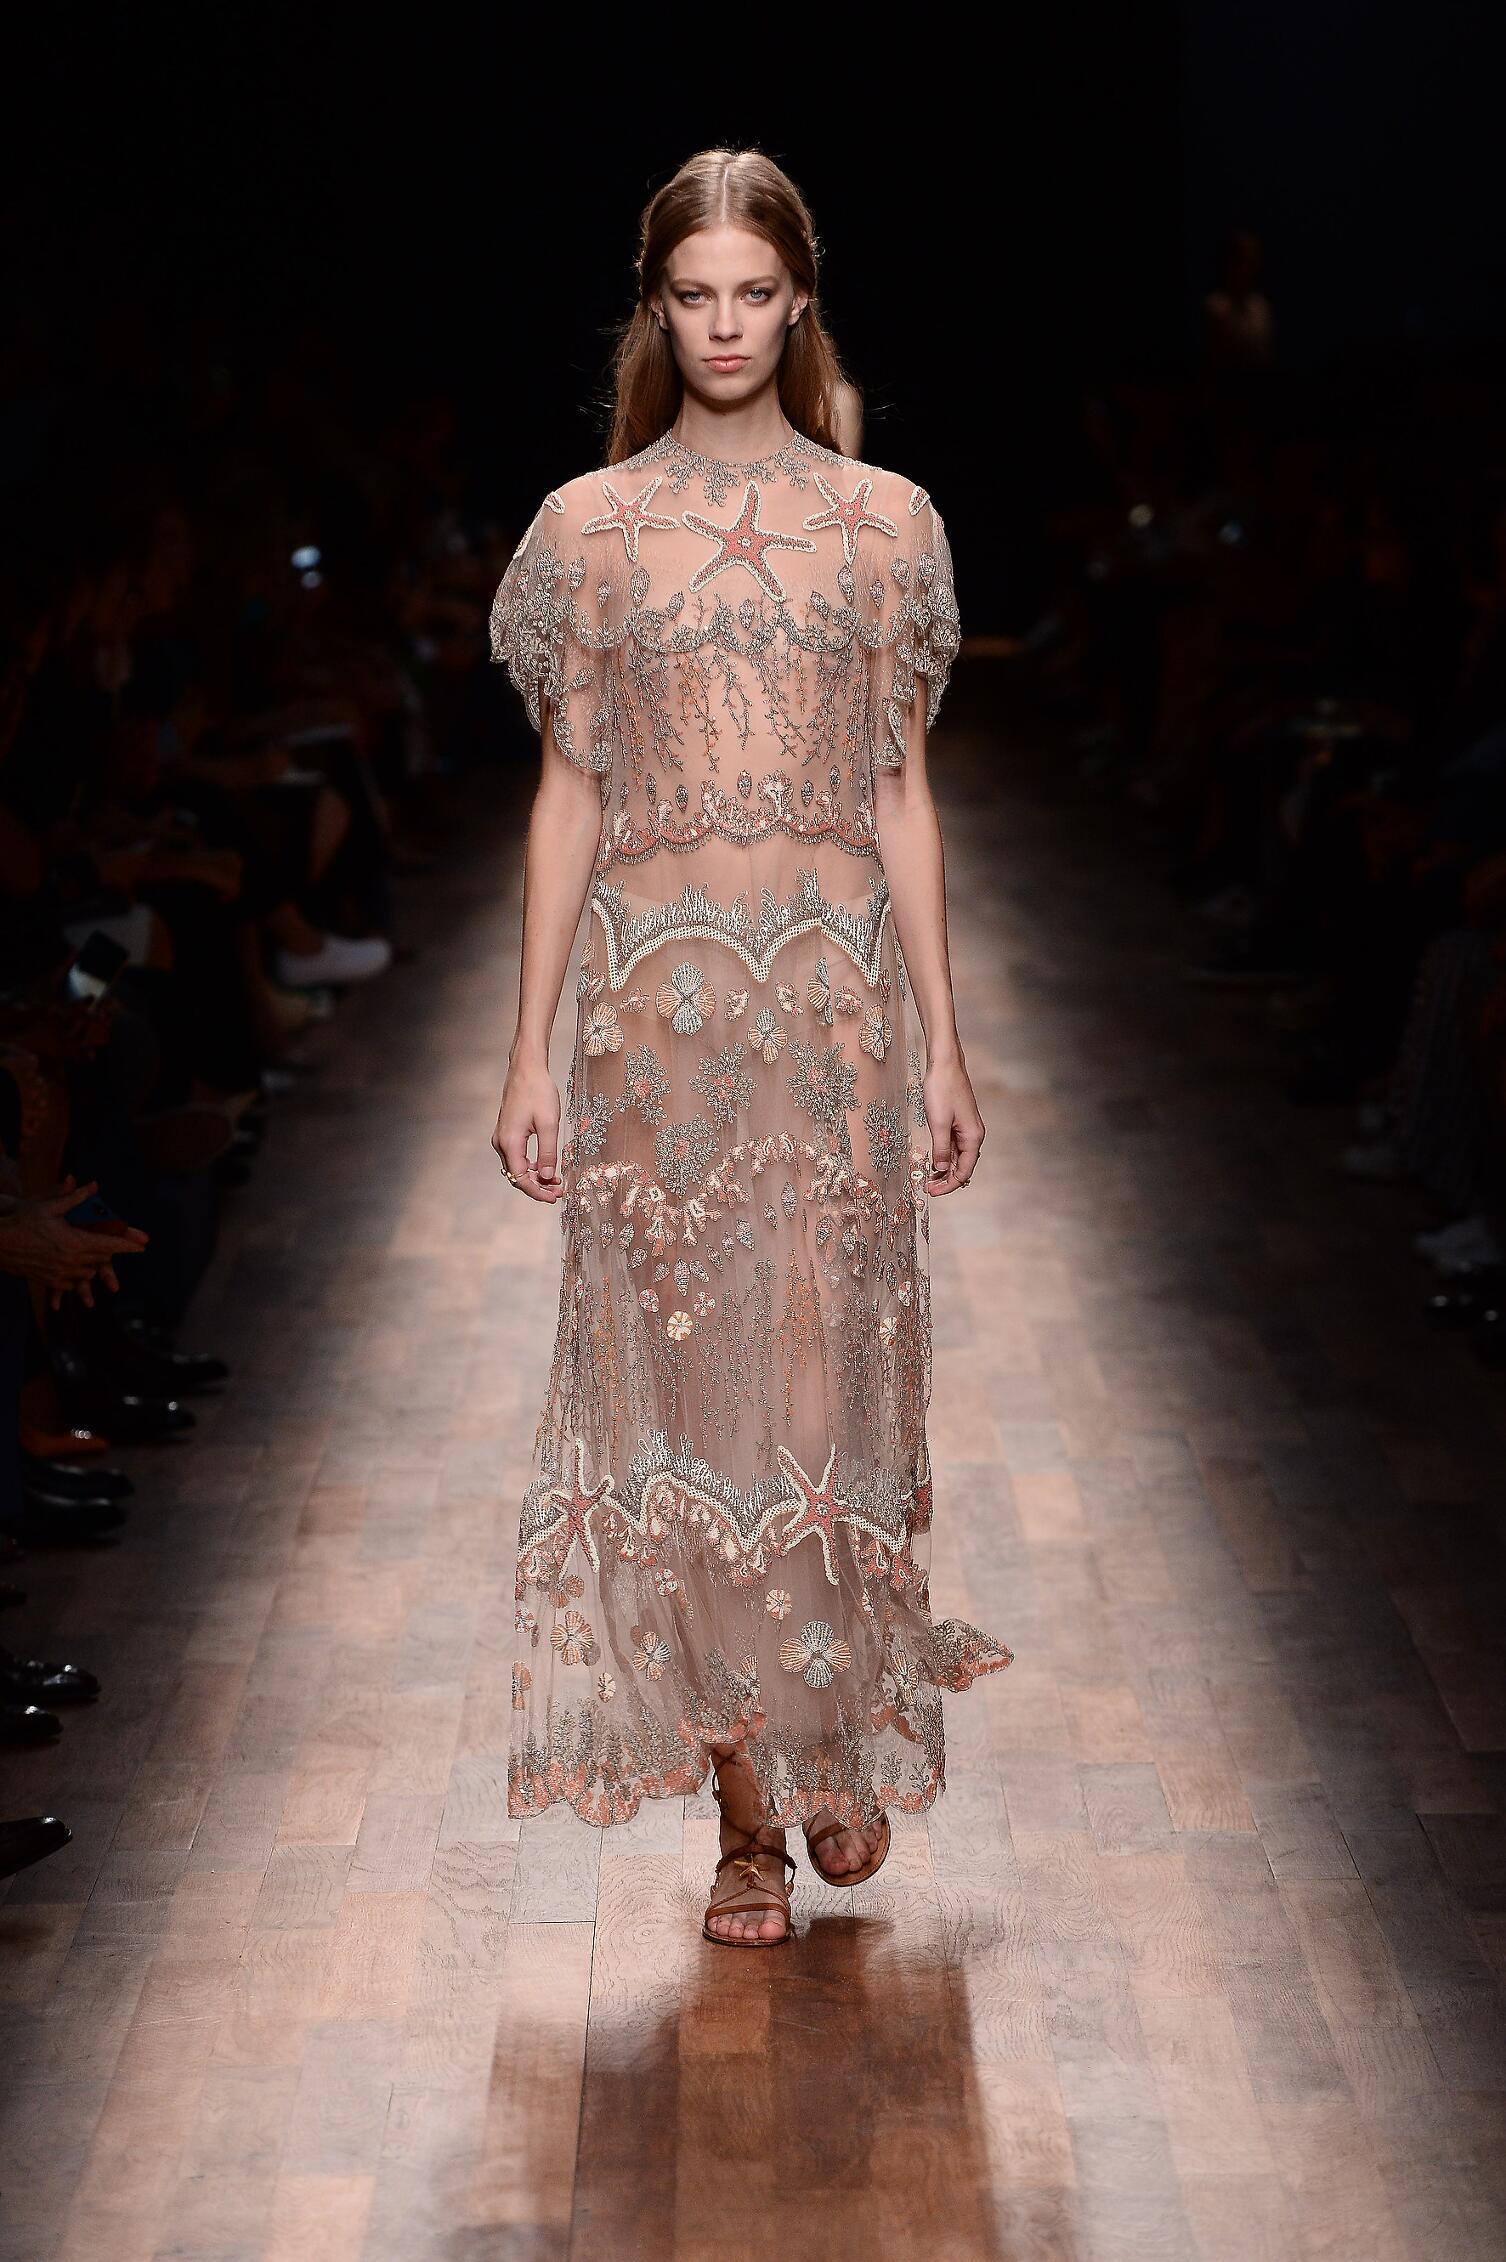 Fashion 2015 Catwalk Valentino Summer Womenswear Paris